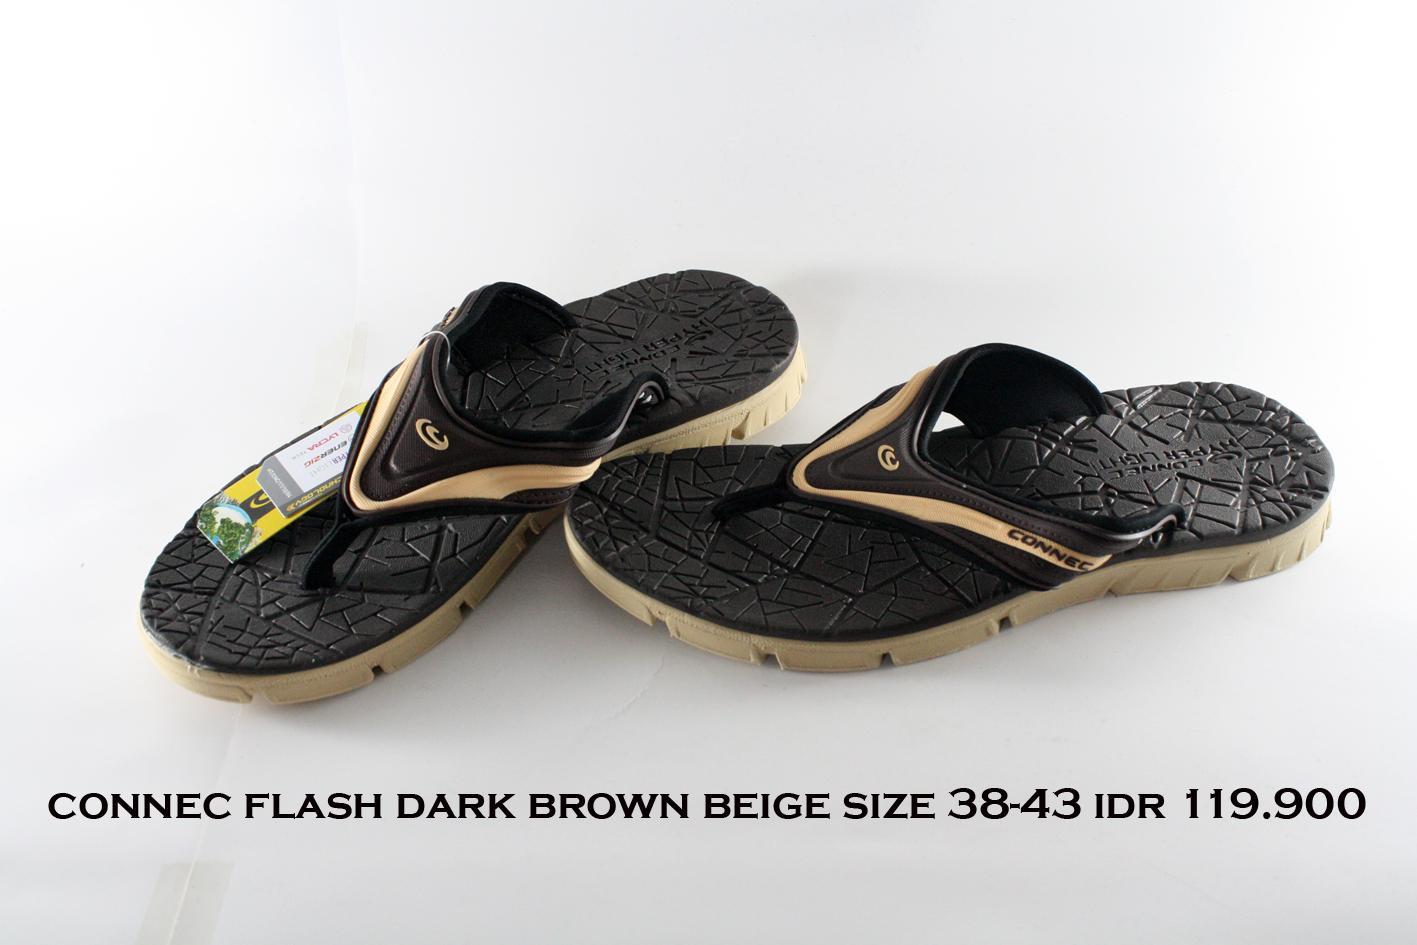 connec flash sandal jepit pria coklat tua beige